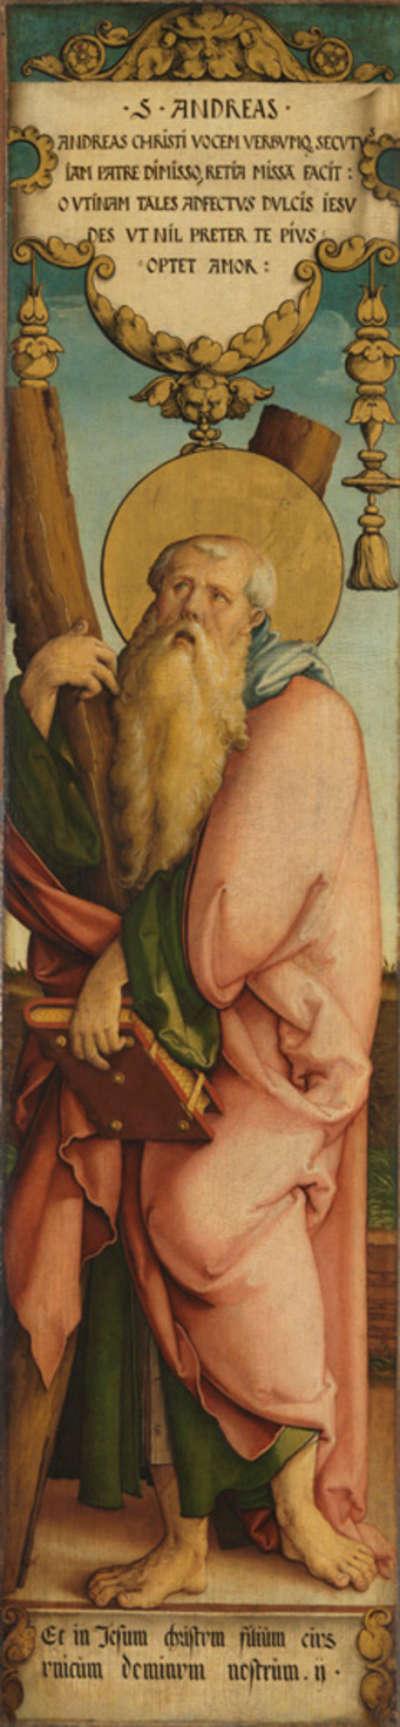 Hl. Andreas Rückseite: Kandelaberornament